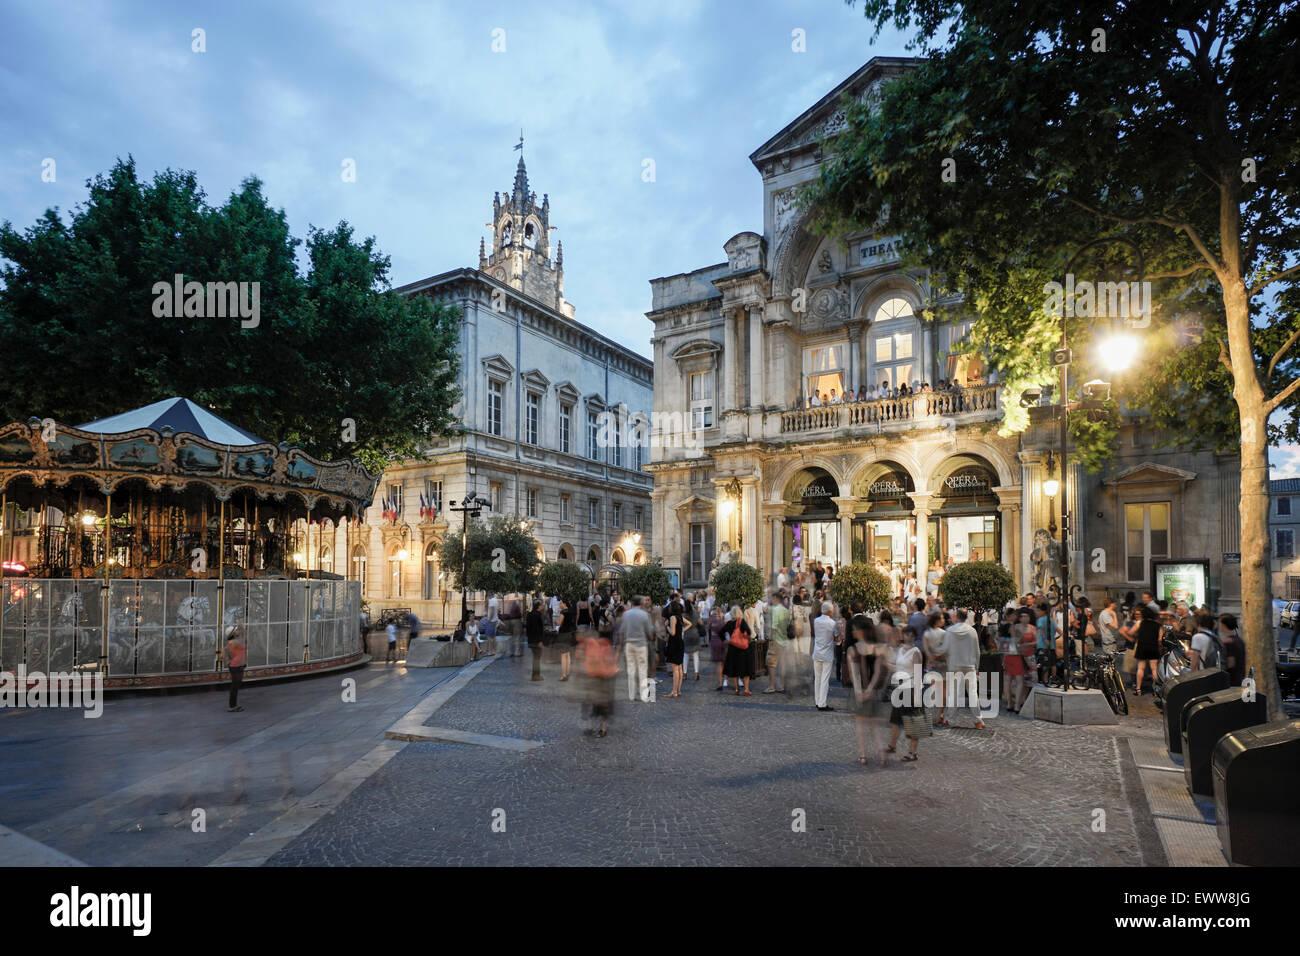 Hotel de Ville, Opera, Place de la Horloge,  Avignon, Bouche du Rhone, France Stock Photo